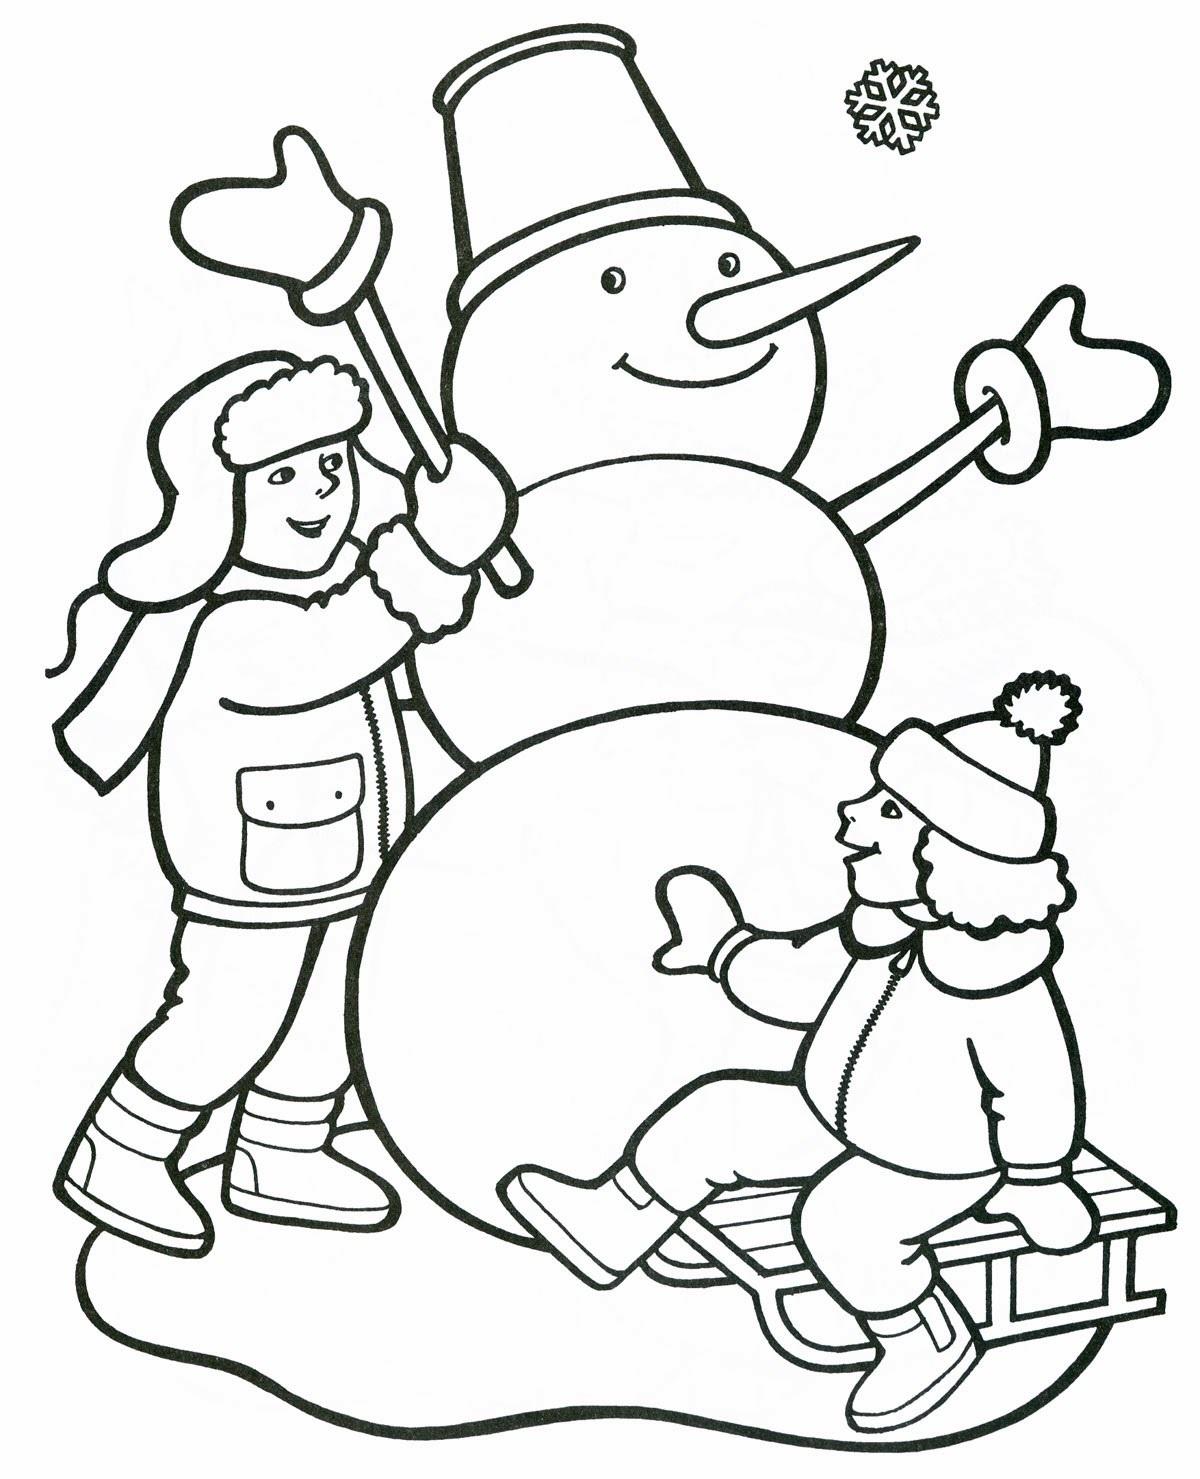 Самые красивые и прикольные новогодние рисунки для срисовки 8